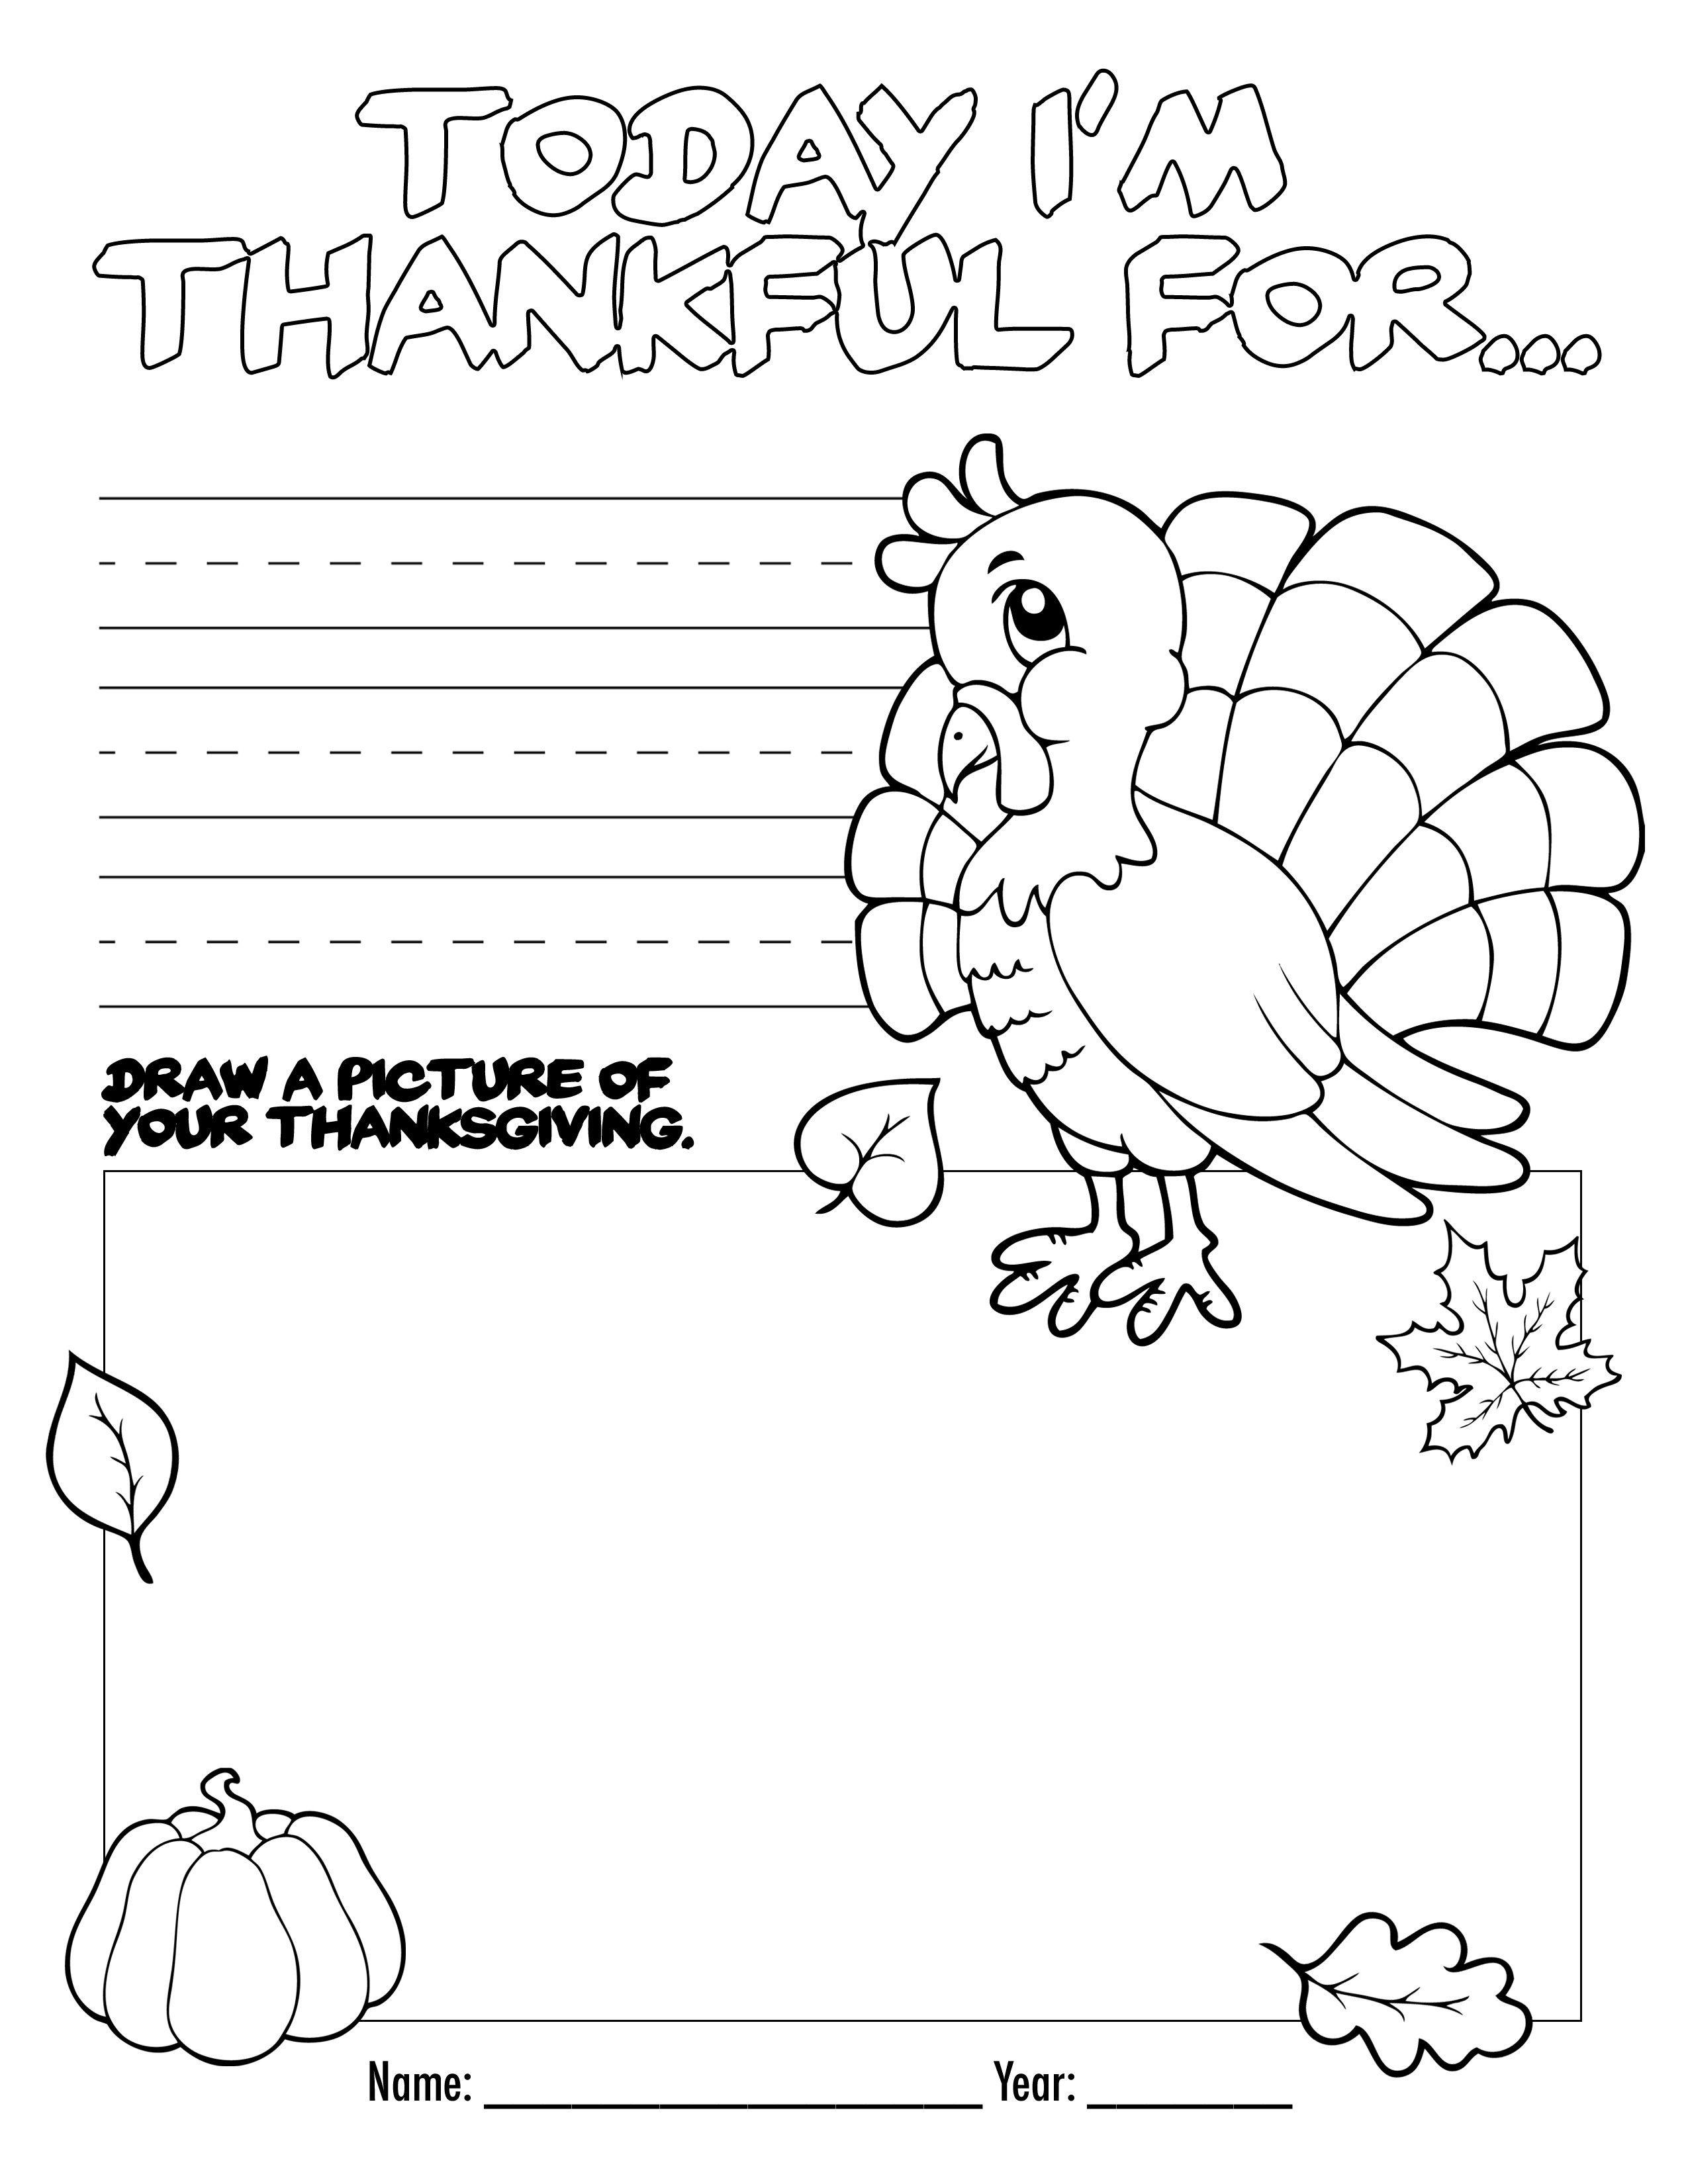 Free Printable Activities For Kindergarten Thanksgiving | Printable - Free Printable Kindergarten Thanksgiving Activities